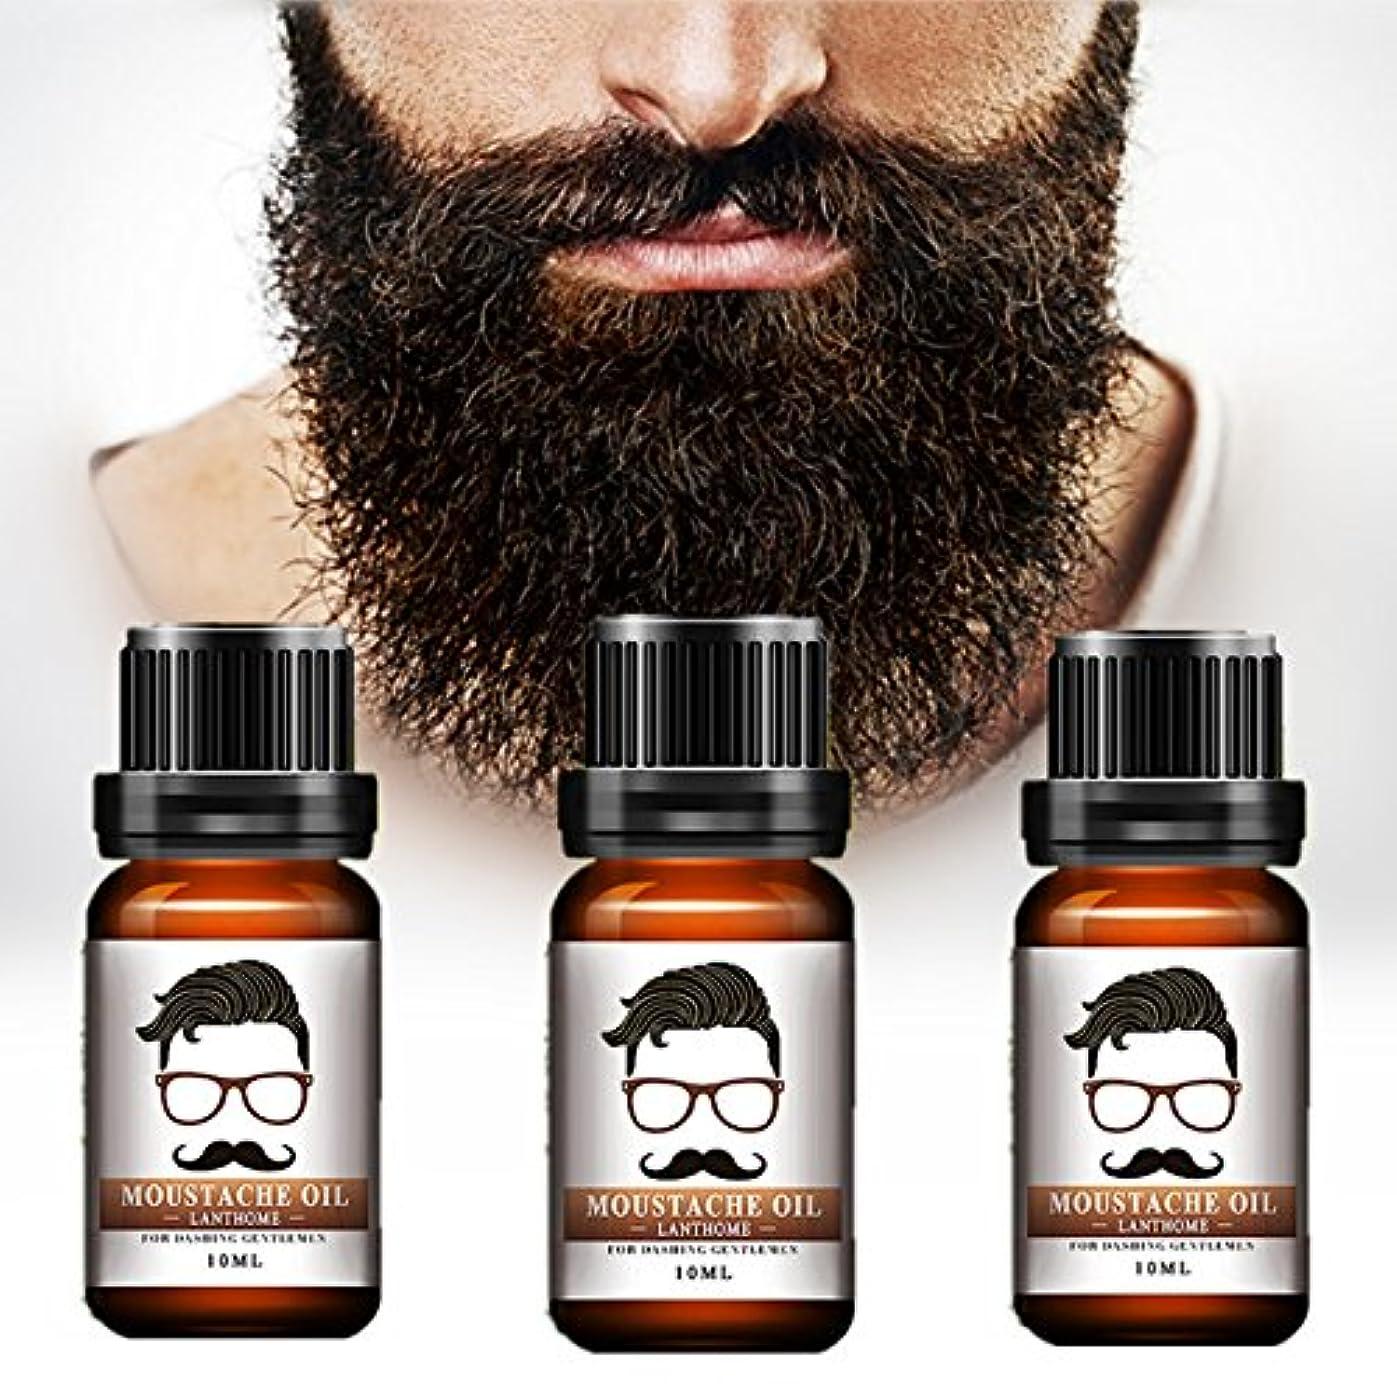 閉塞ガソリン抜本的な(最高の品質と価格)3個x 10mlエッセンシャル(polygonum、生姜、人参)オイル男性用ひげ、口ひげ、育毛厚くトリートメントサンバースト円形脱毛症 ((Best Quality & Price) 3 Pieces x 10Ml Essential (polygonum, ginger and ginseng) Oil For Men Beard & Mustache & Hair Growth Thicker Treatment Sunburst Alopecia Serum)